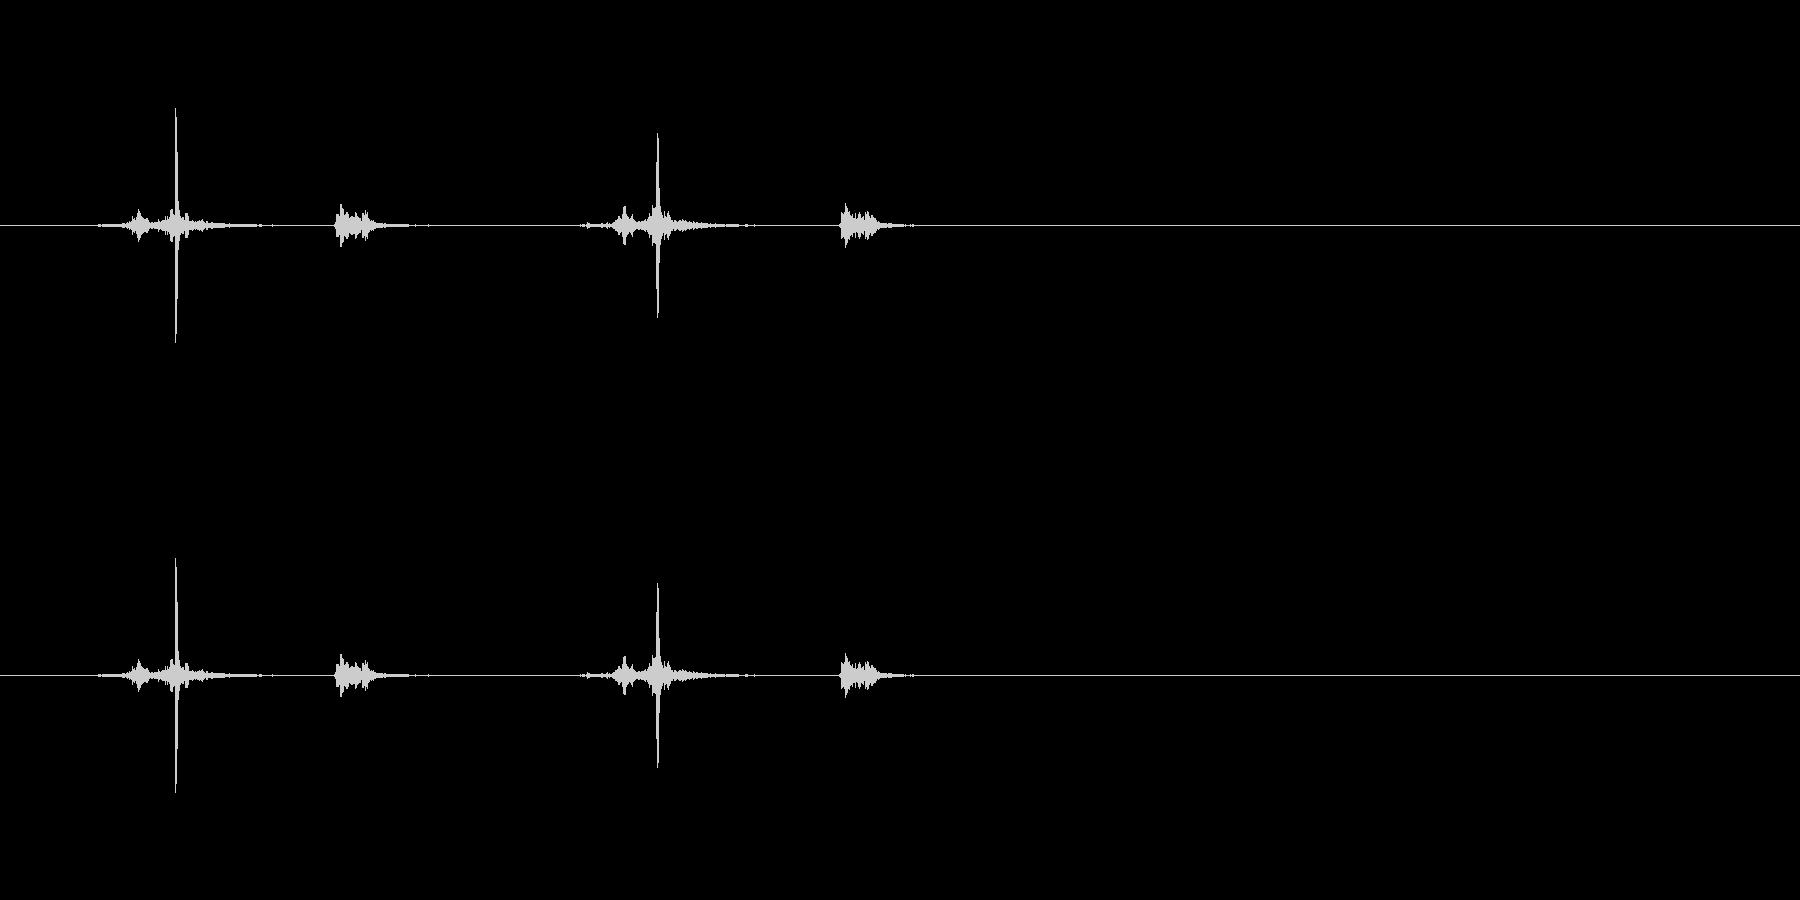 【ハサミ03-5(チョキチョキ)】の未再生の波形